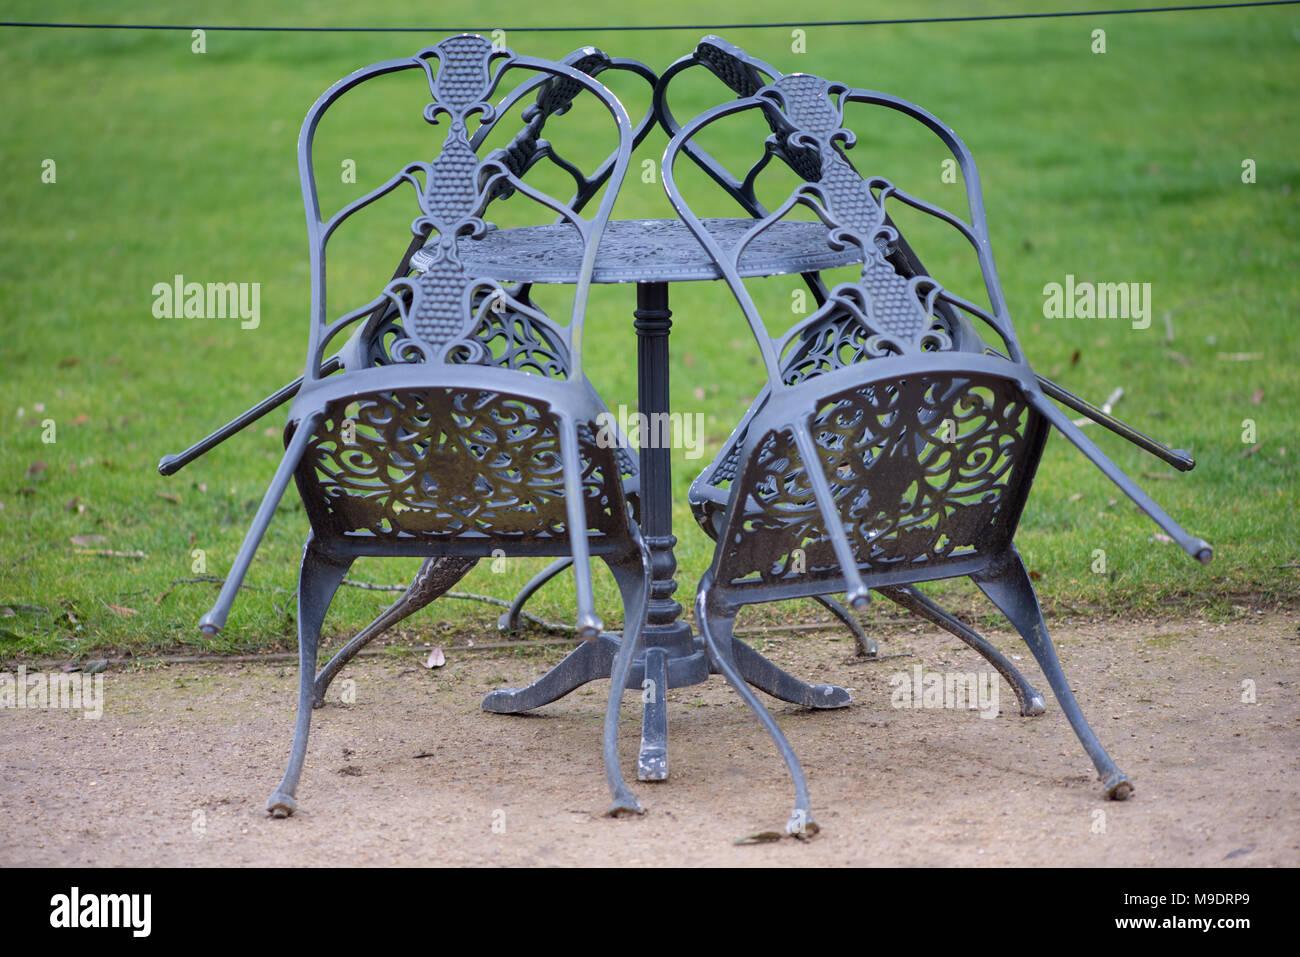 Mobili Da Giardino In Ferro : Ferro battuto mobili da giardino con tavolo e sedie impilate per